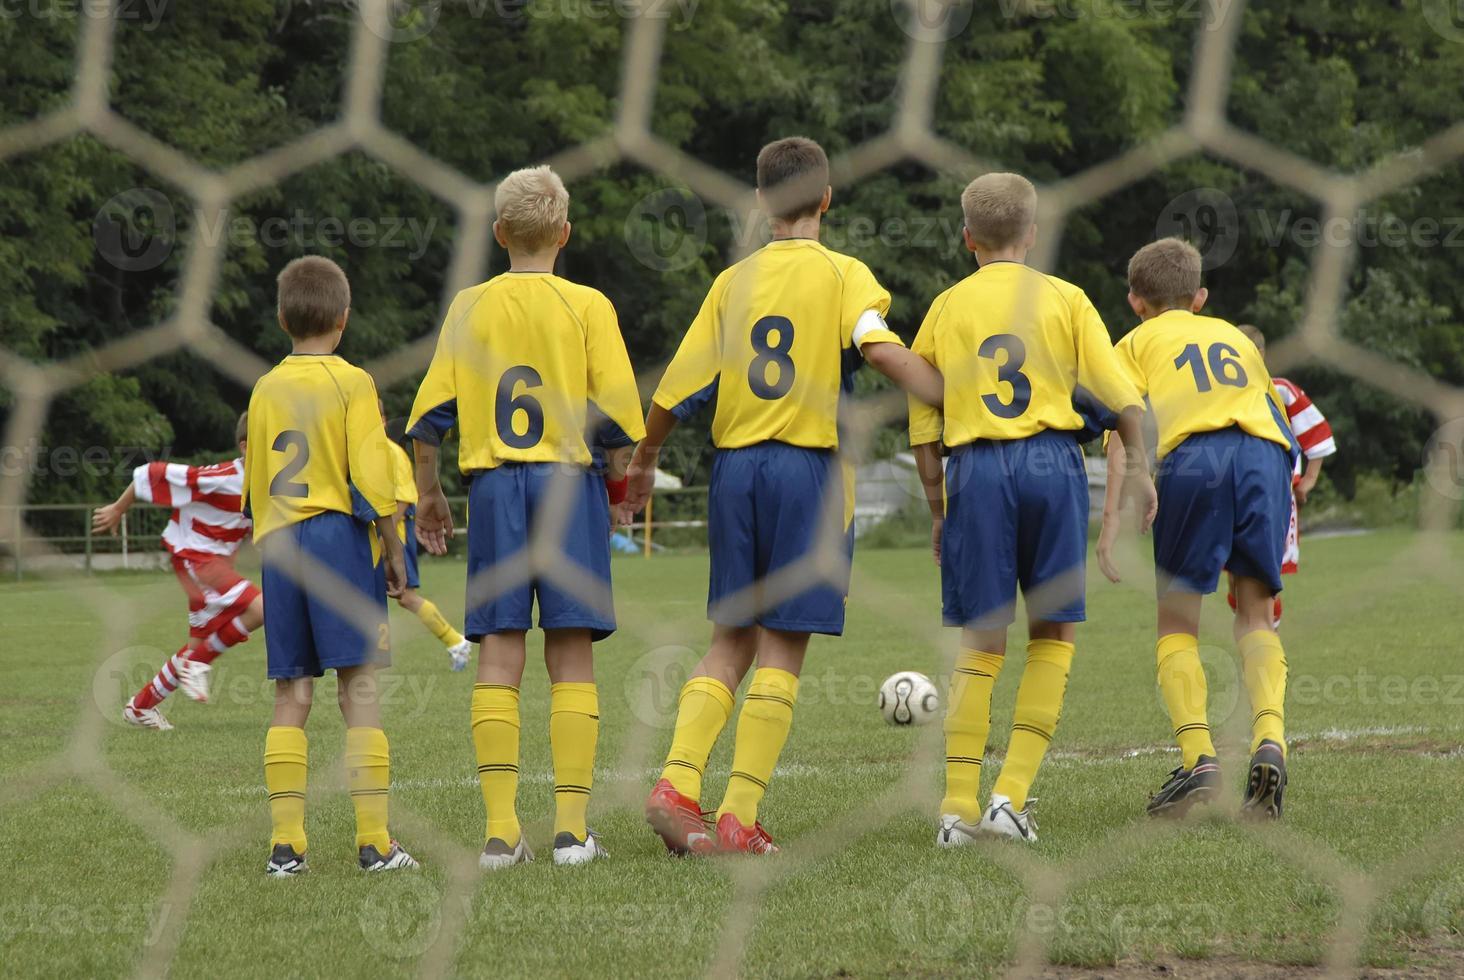 bloqueio no jogo de futebol foto